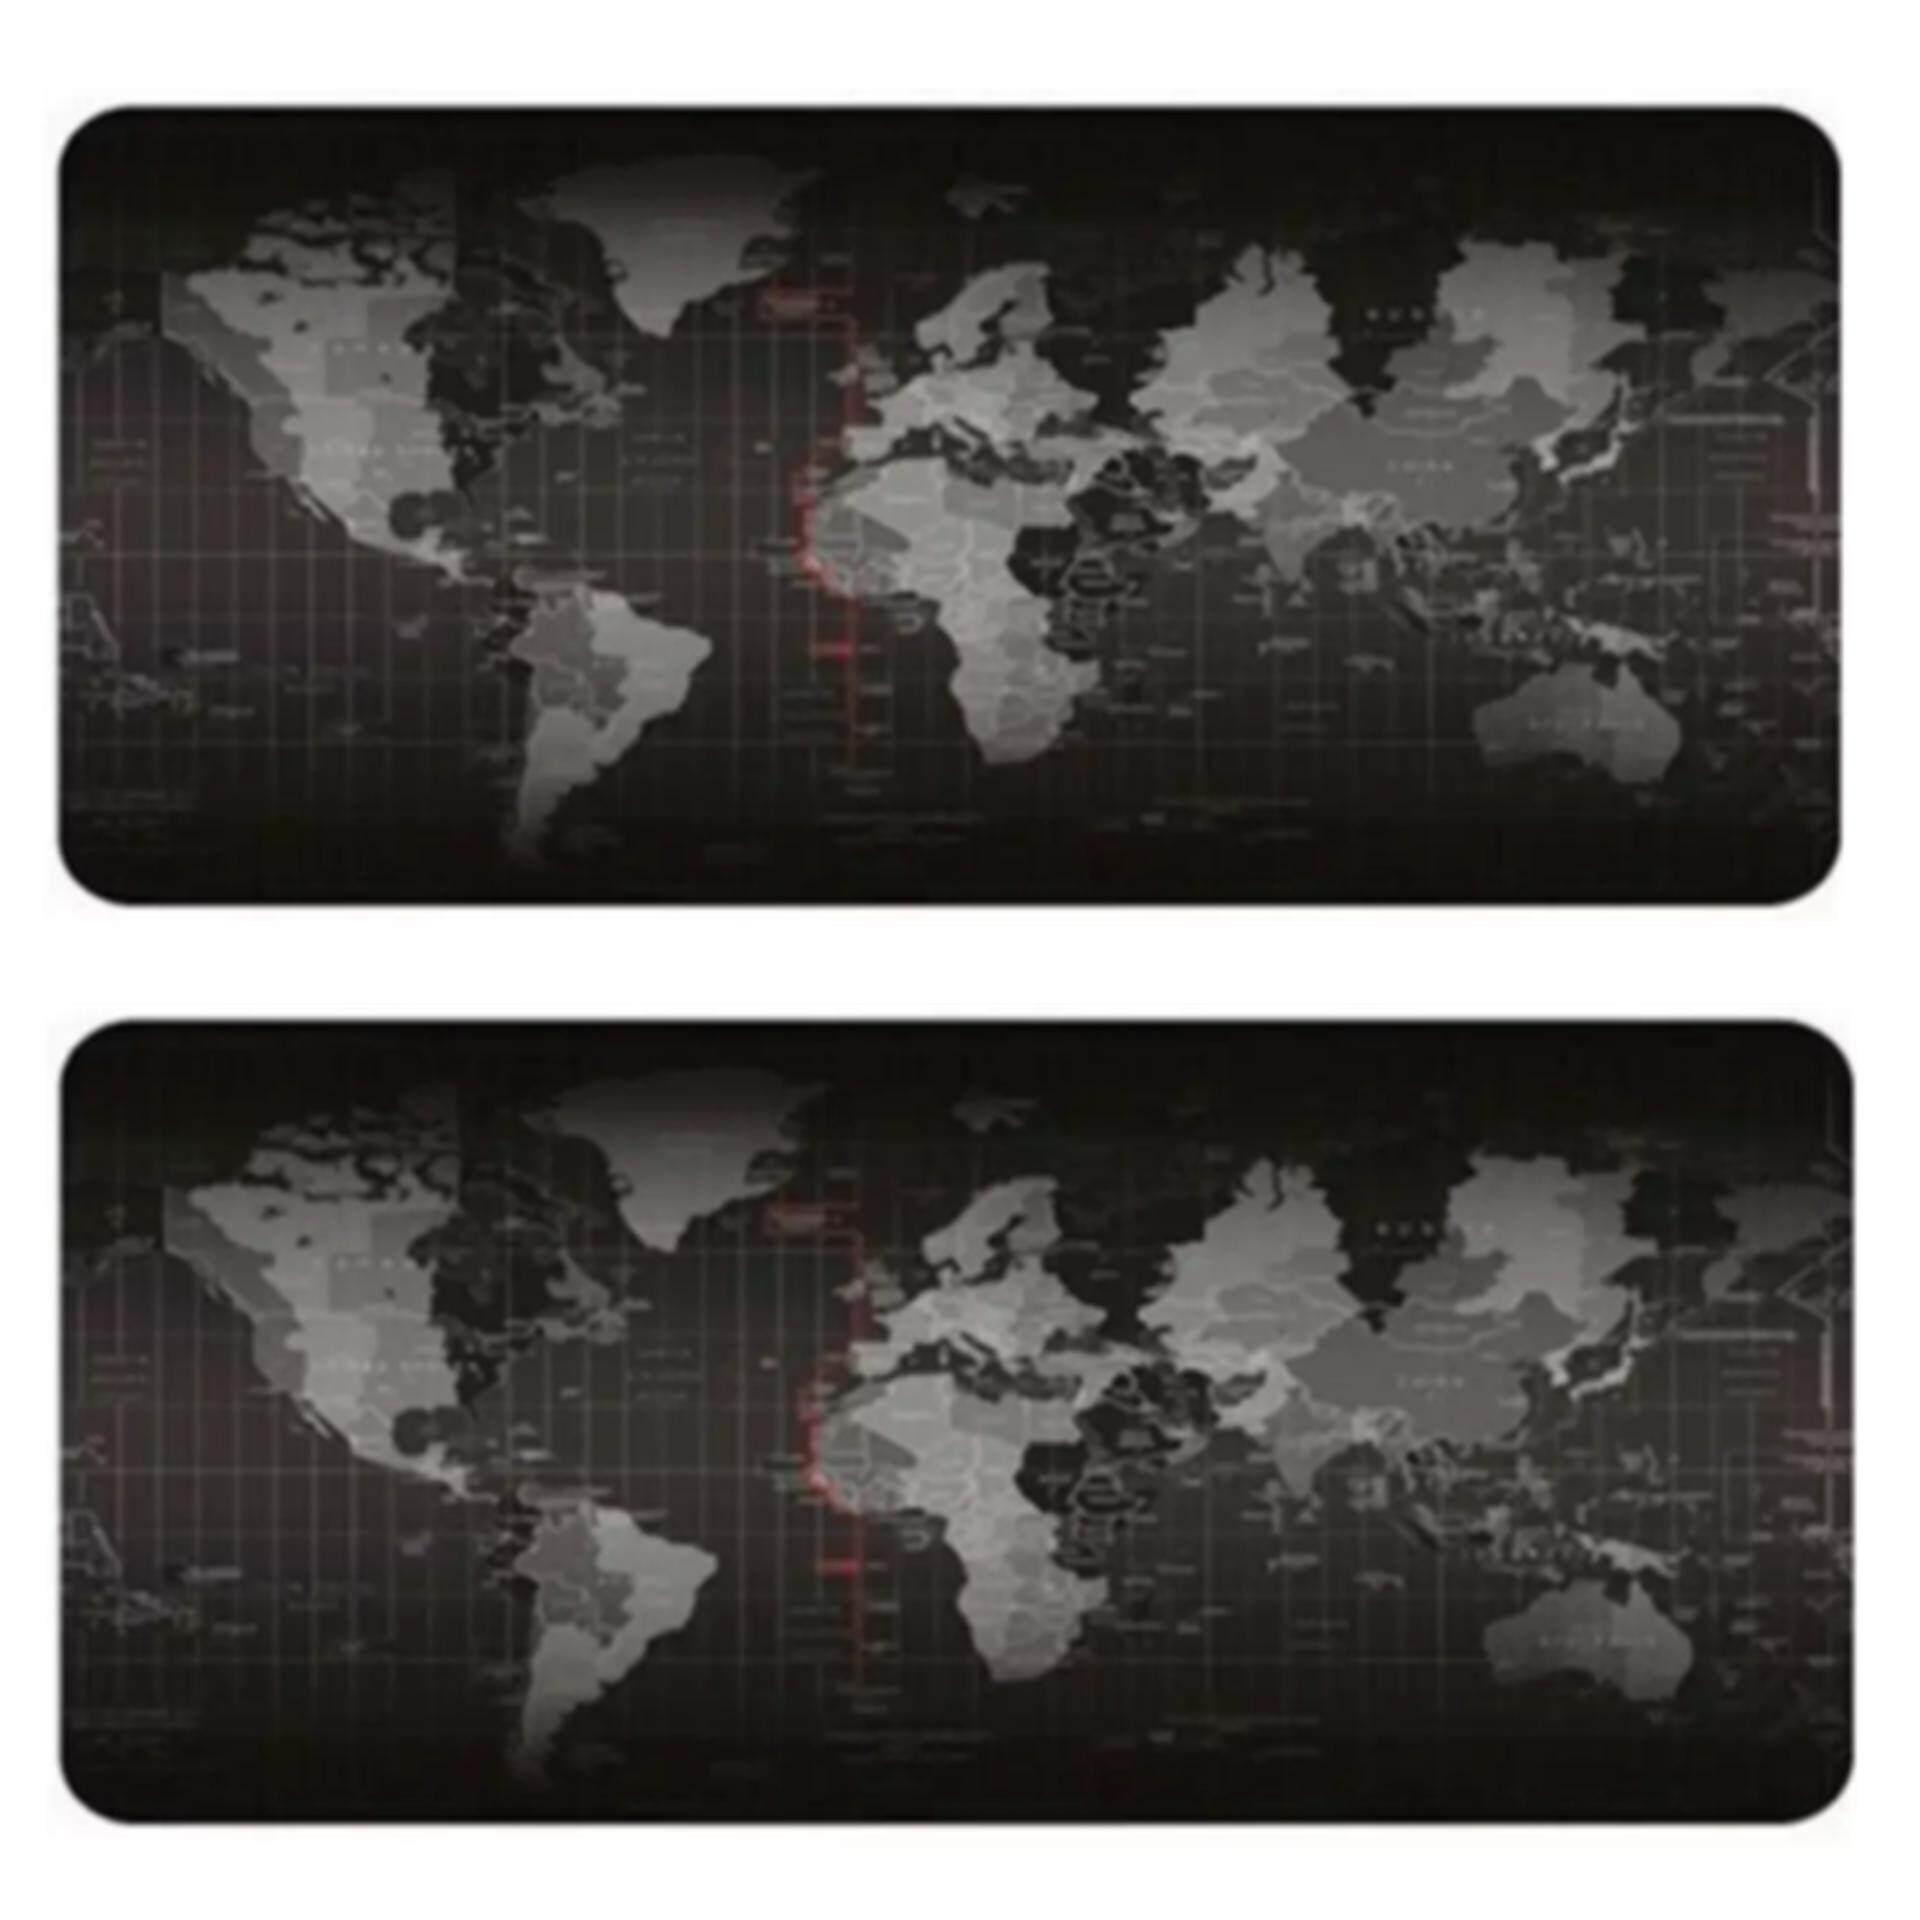 ขาย ซื้อ Big Size 80 X 30 Cm Mouse Pad แผ่นรองเม้าส์ ขนาดใหญ่ ใช้งานดี ลายแผนที่โลก 2ชิ้น ใน กรุงเทพมหานคร